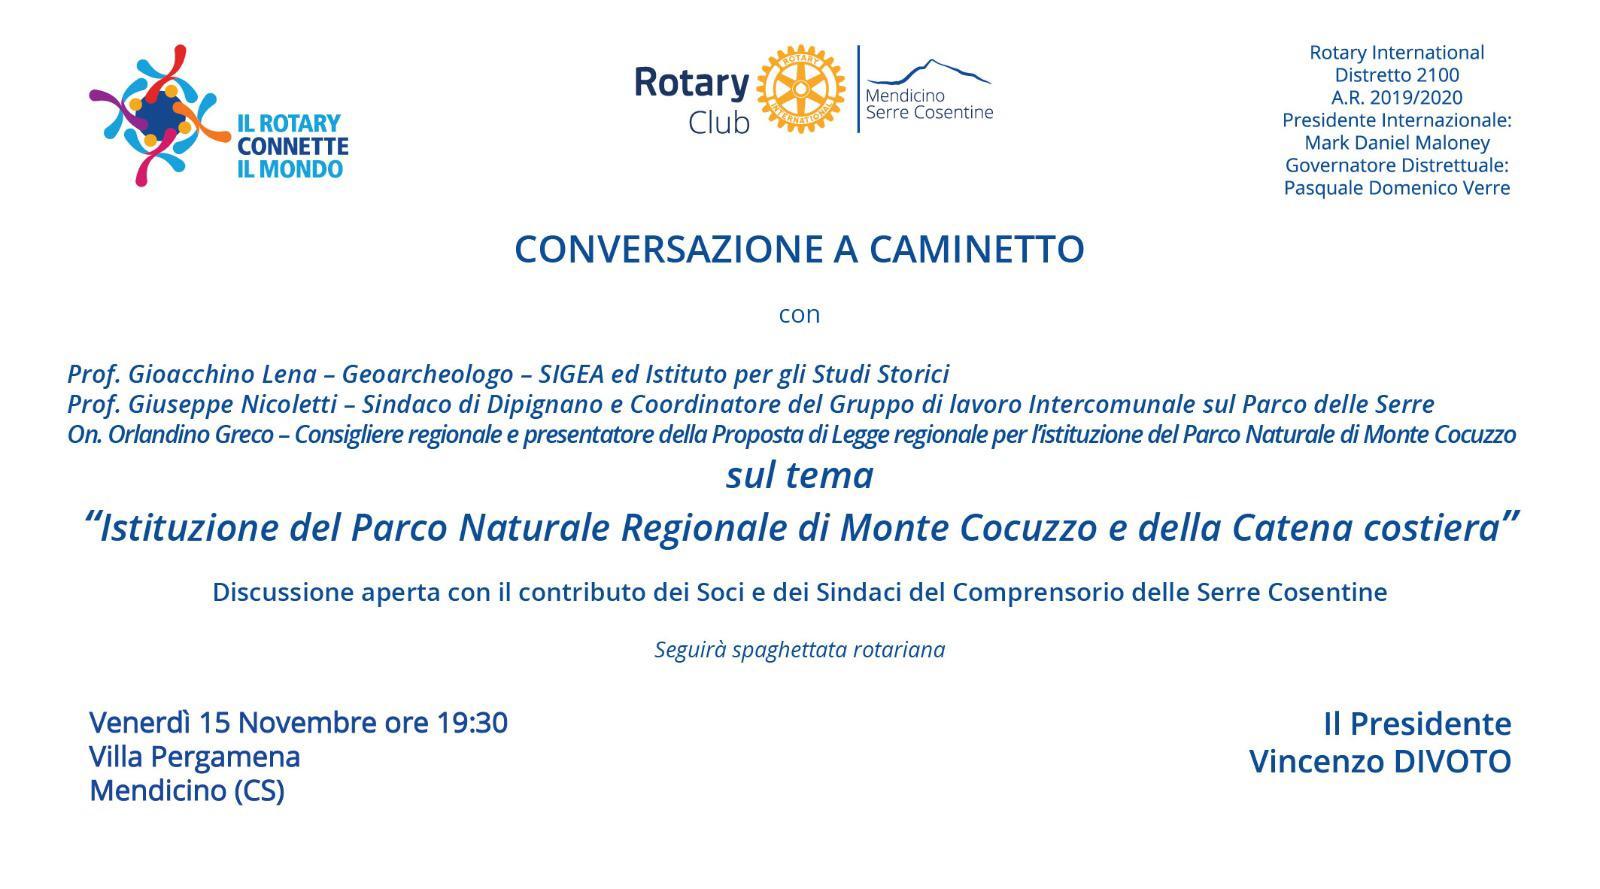 Istituzione del Parco Naturale Regionale di Monte Cocuzzo e della Catena costiera